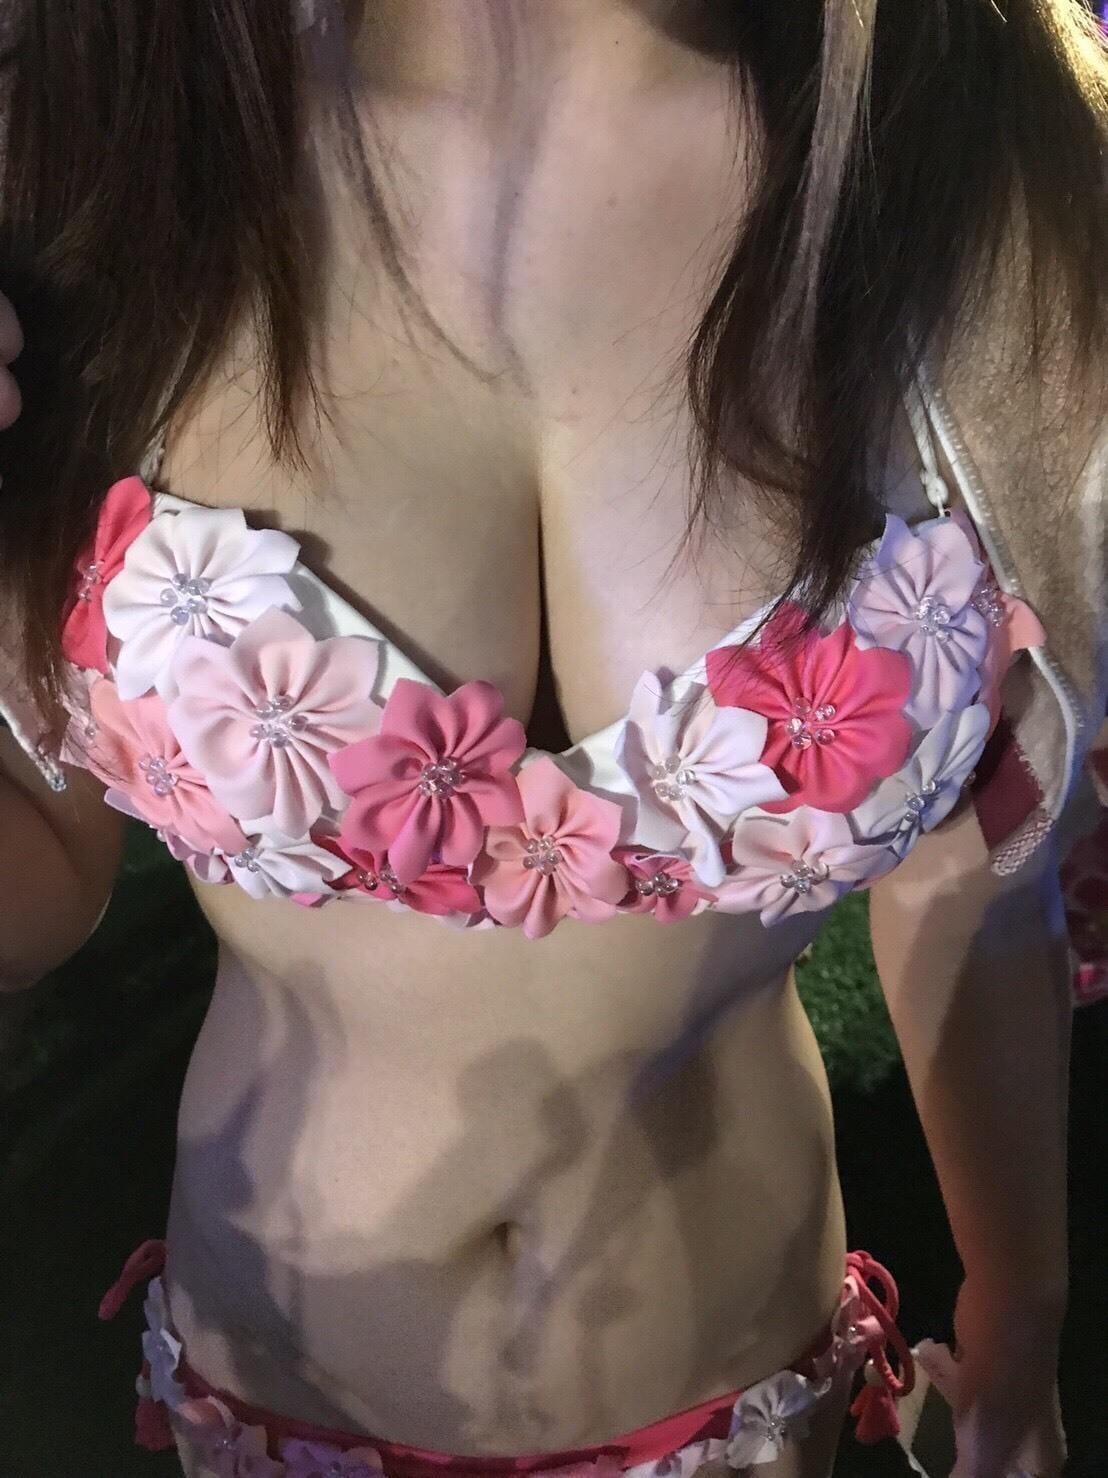 「ありがとっ☆」03/26(03/26) 05:03 | 瑠々美(るるみ)の写メ・風俗動画